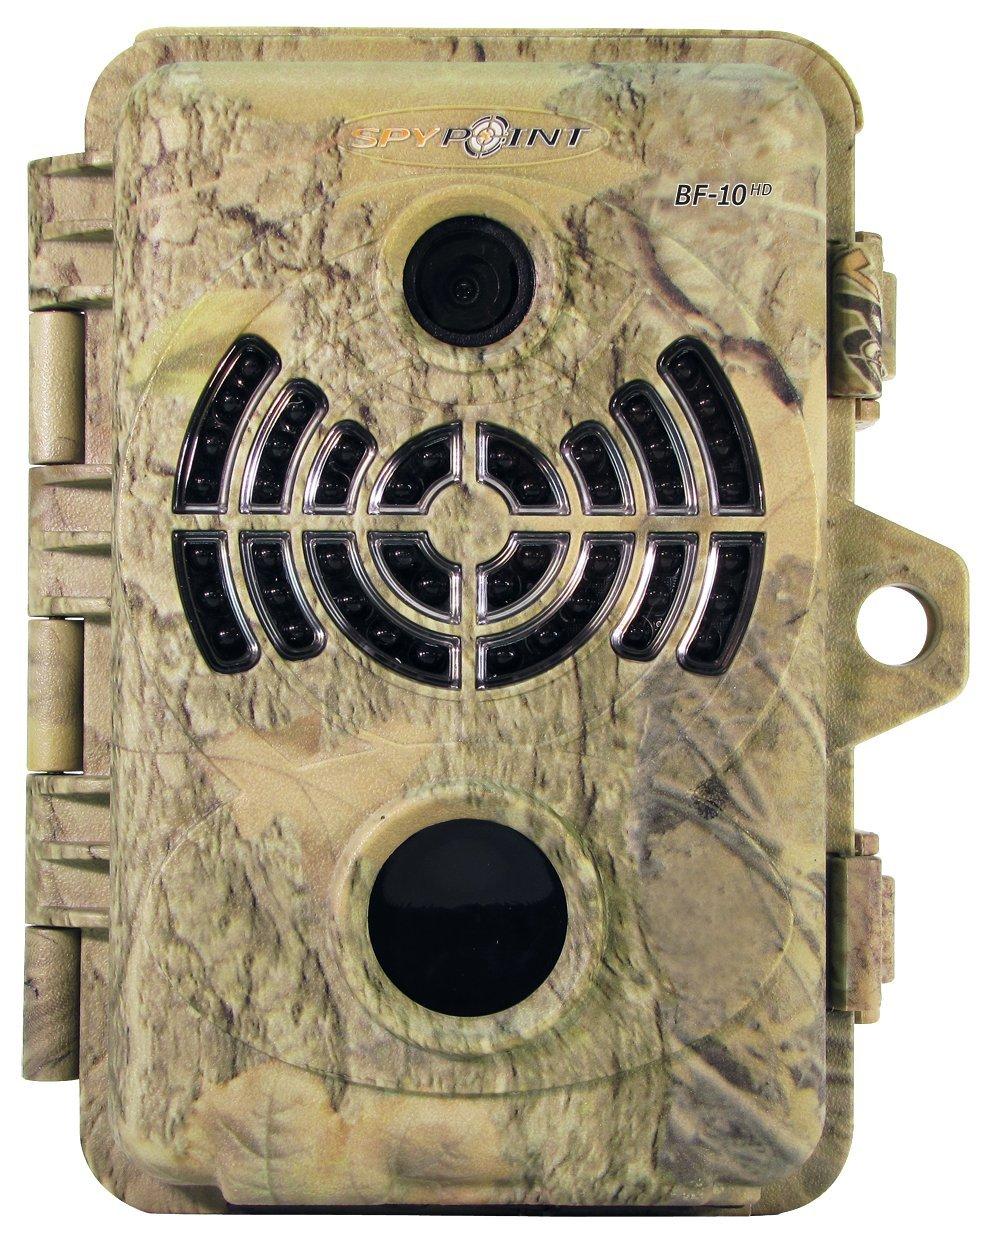 優れた品質 Spypoint Caméra de Surveillance Surveillance pour Chien Invisible Modèle BF-10HD B00BUM1YB6 Infrarouge LED Noir Invisible HD B00BUM1YB6, 池田屋質店:911a2cf9 --- a0267596.xsph.ru